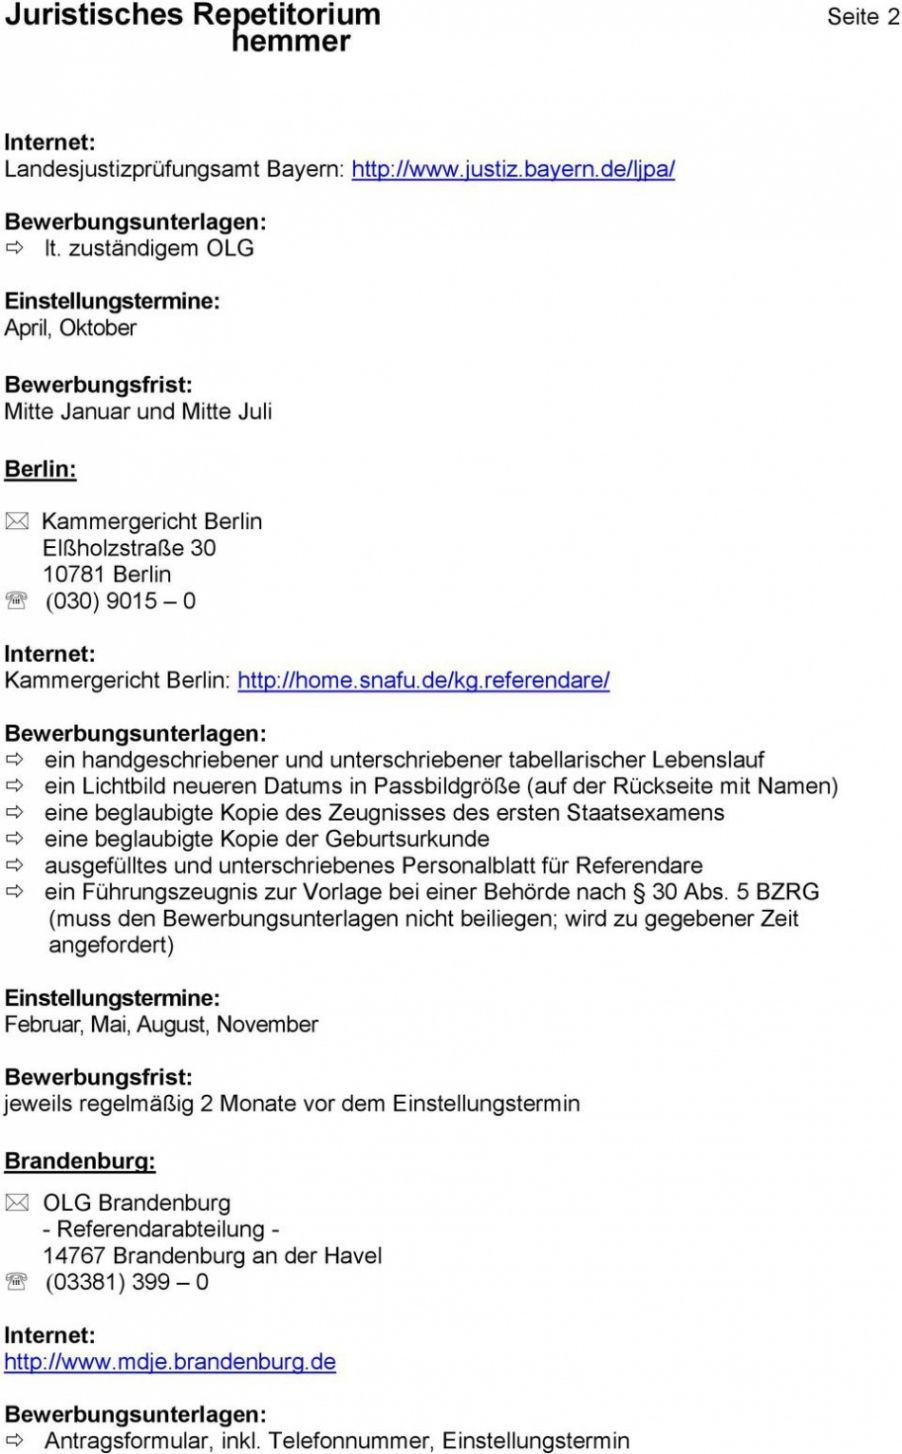 Bewerbung Archivassesor Referendariat Ausbildung 12